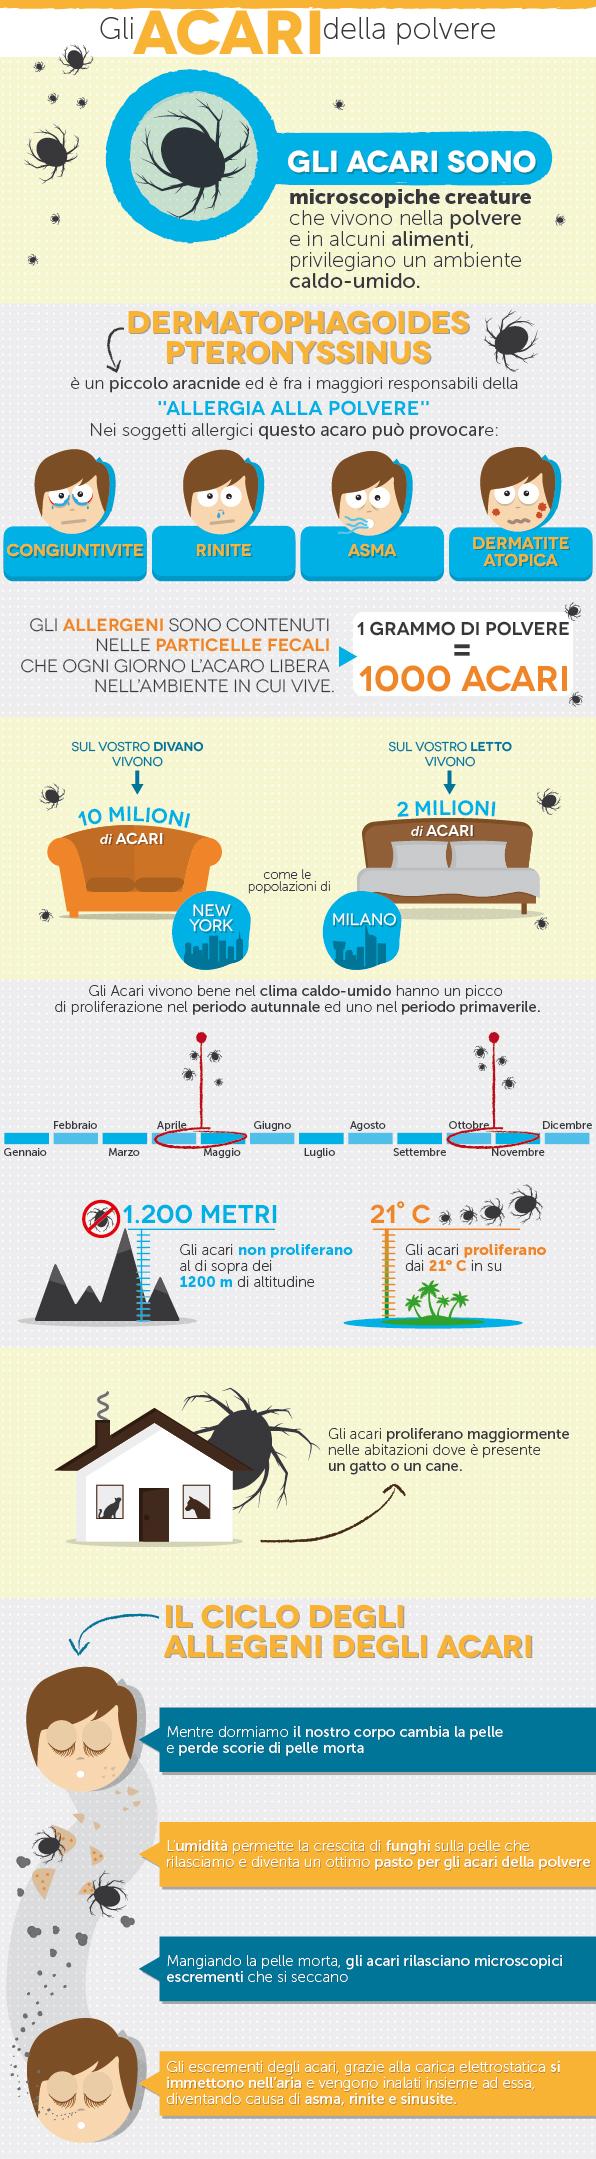 21_Gli-acari-della-polvere-infografica-grafino